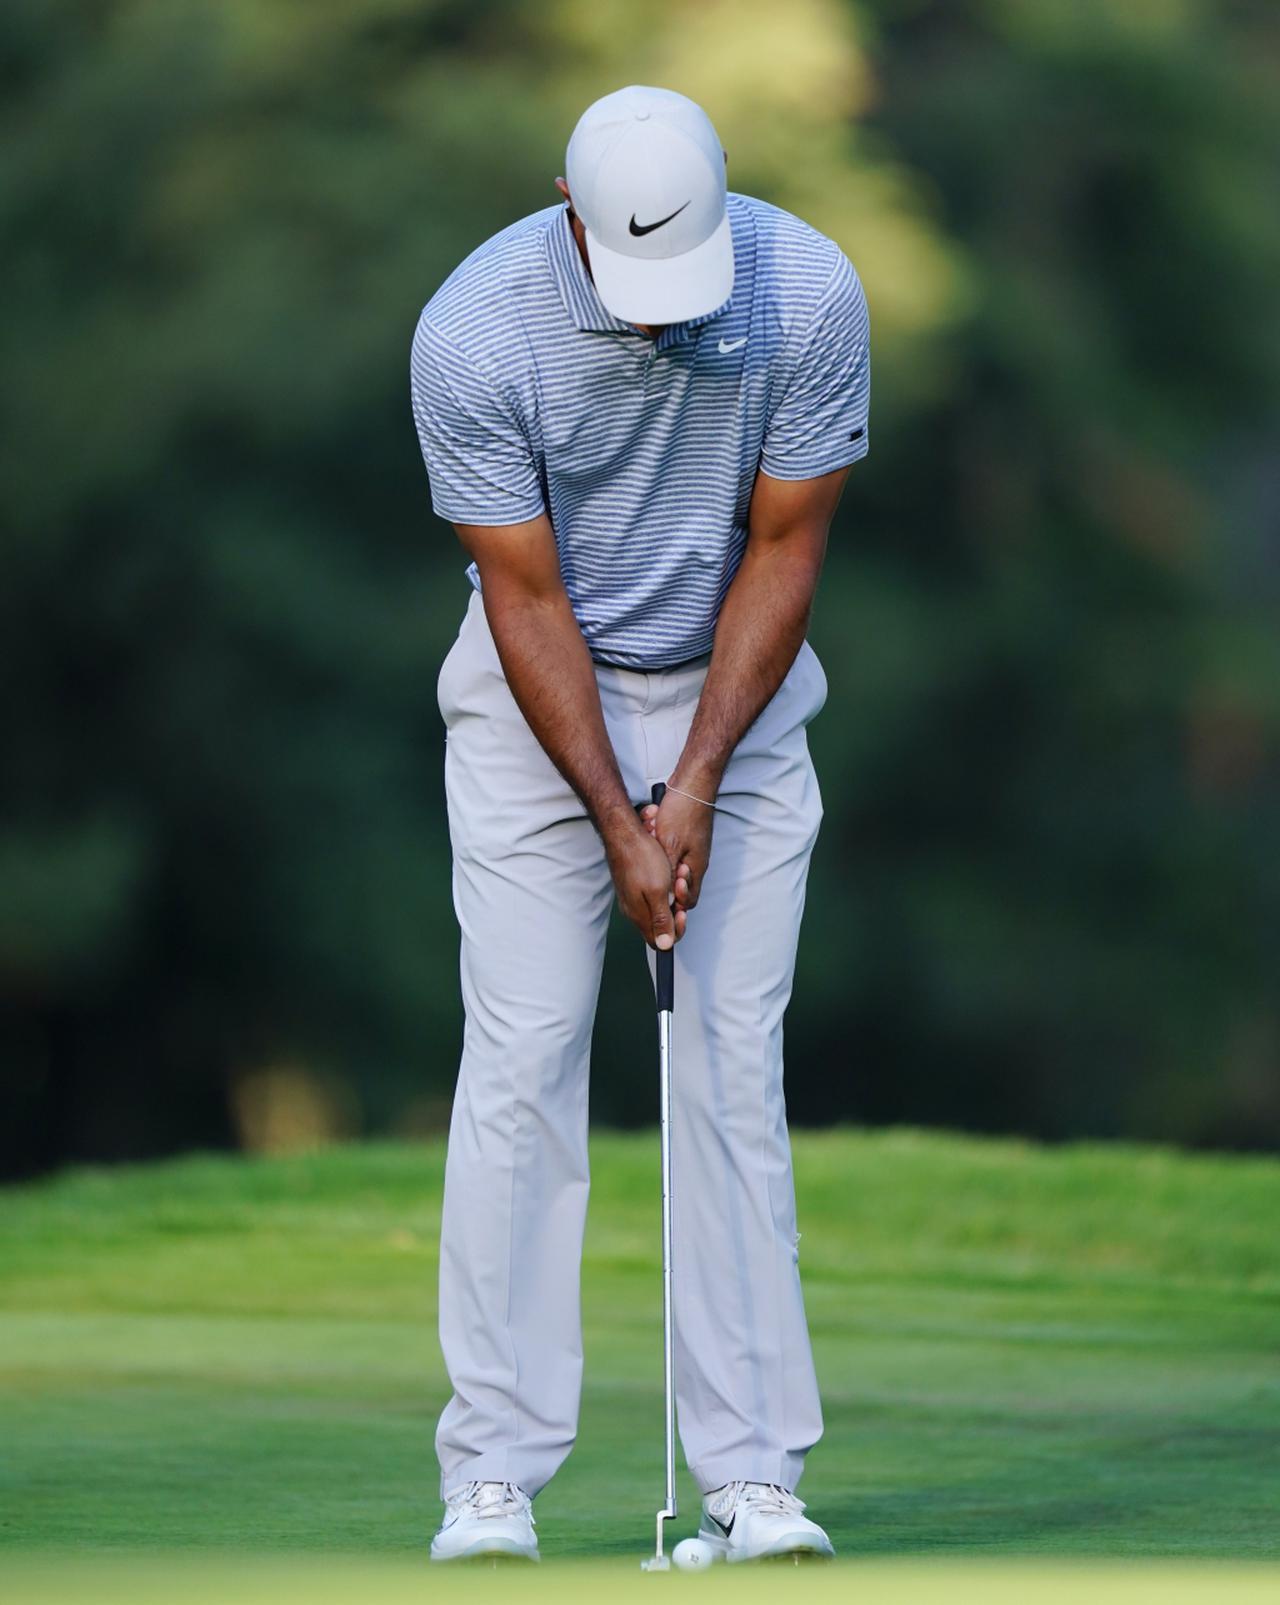 画像1: 【名手のパット】入る握り方に3つの流派。PGAツアーのパッティンググリップ、タイガー・マキロイ・松山・スピース…